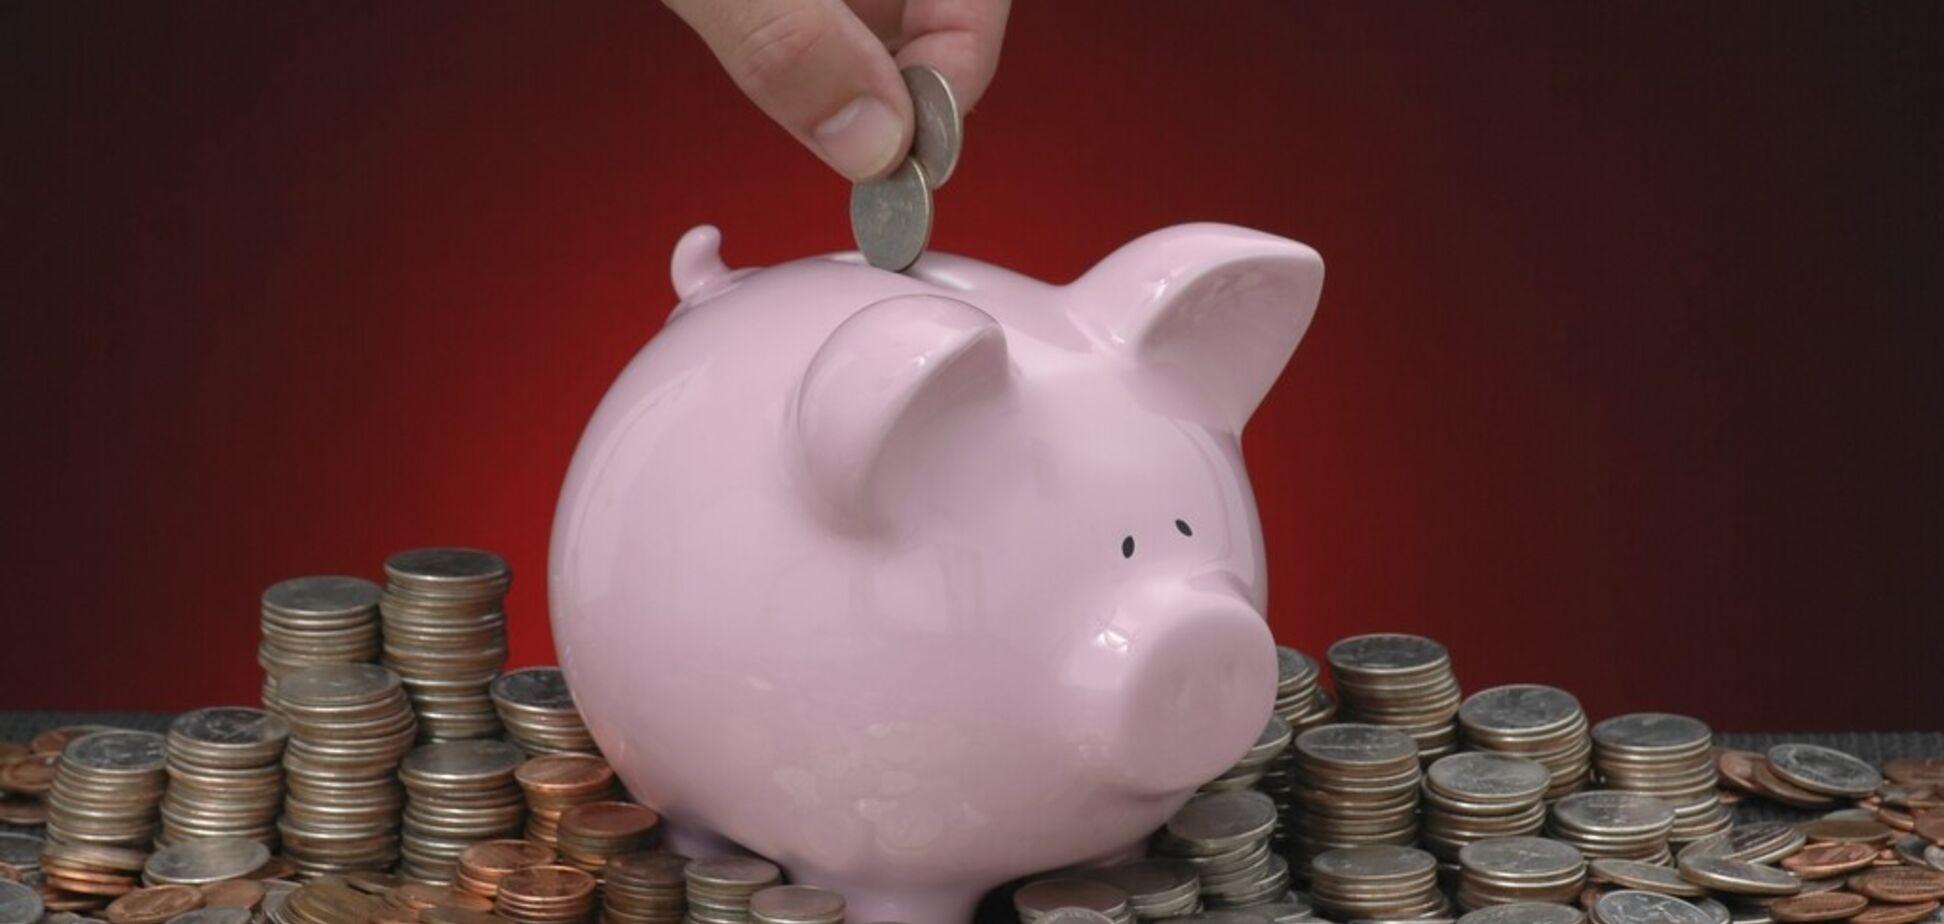 Как сохранить и приумножить деньги: финансист дал советы украинцам